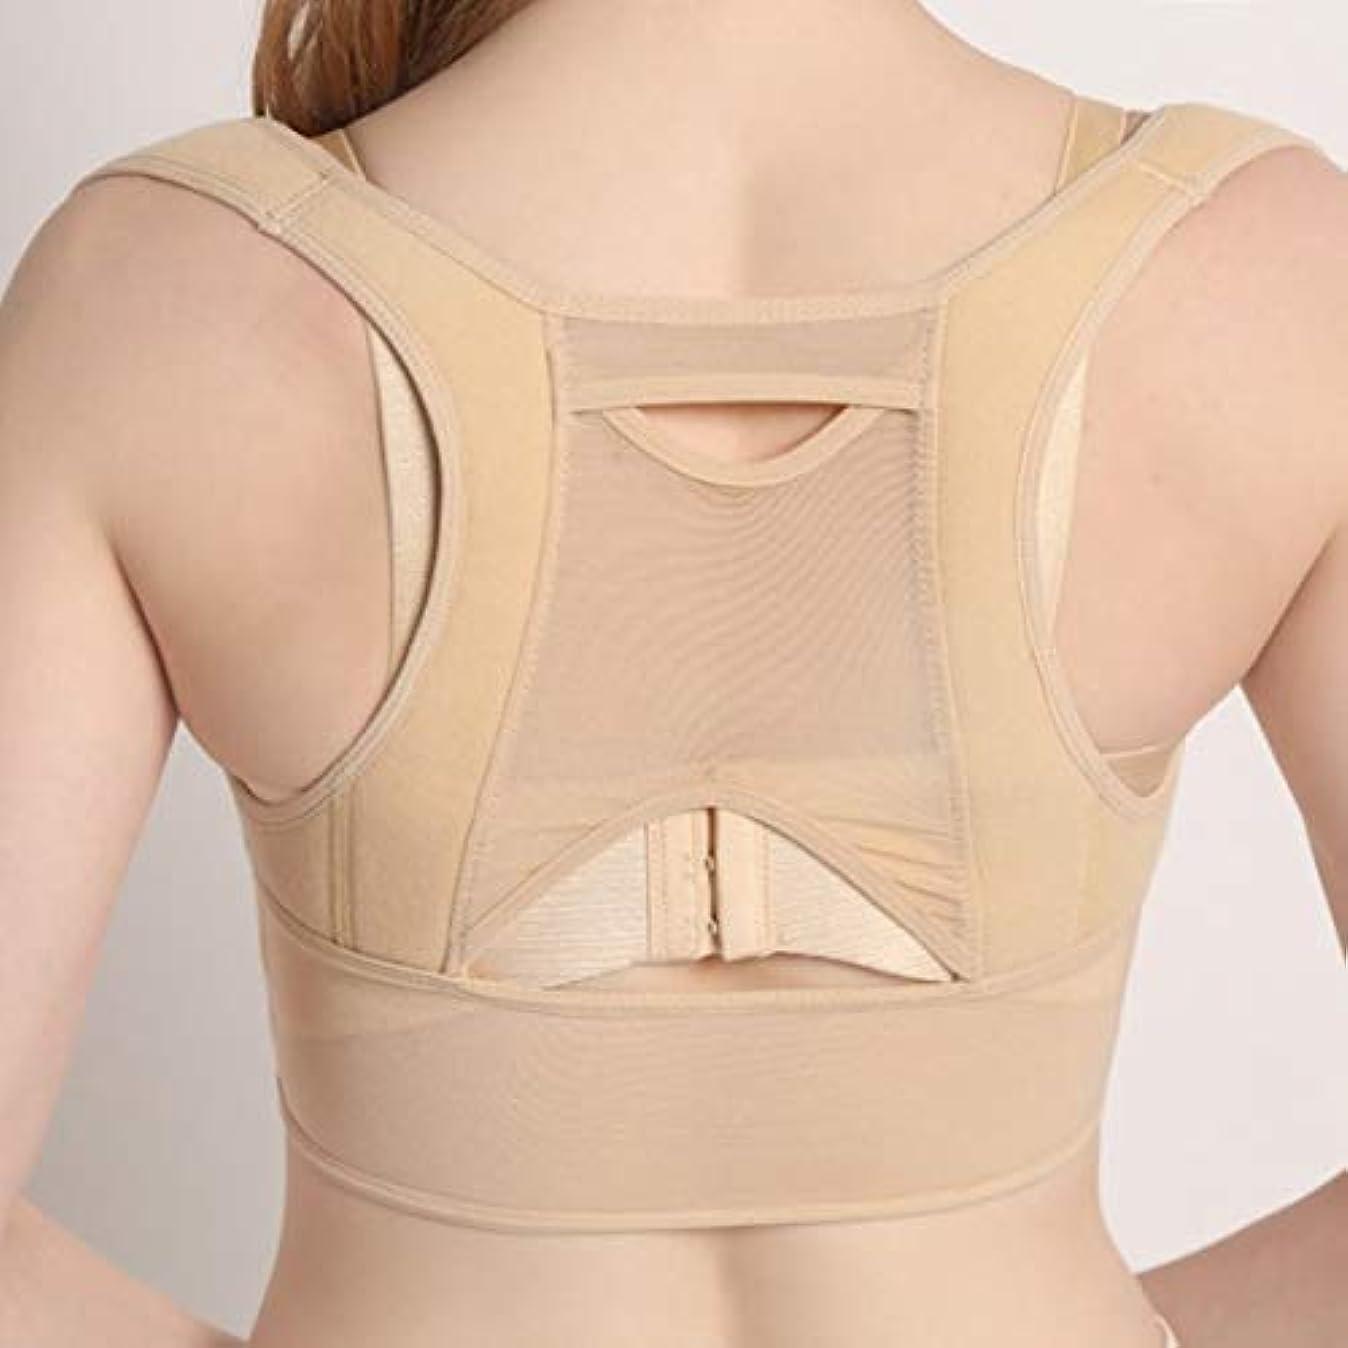 アトミック定義するお互い通気性のある女性の背中の姿勢矯正コルセット整形外科の背中の肩の背骨の姿勢矯正腰椎サポート - ベージュホワイトL